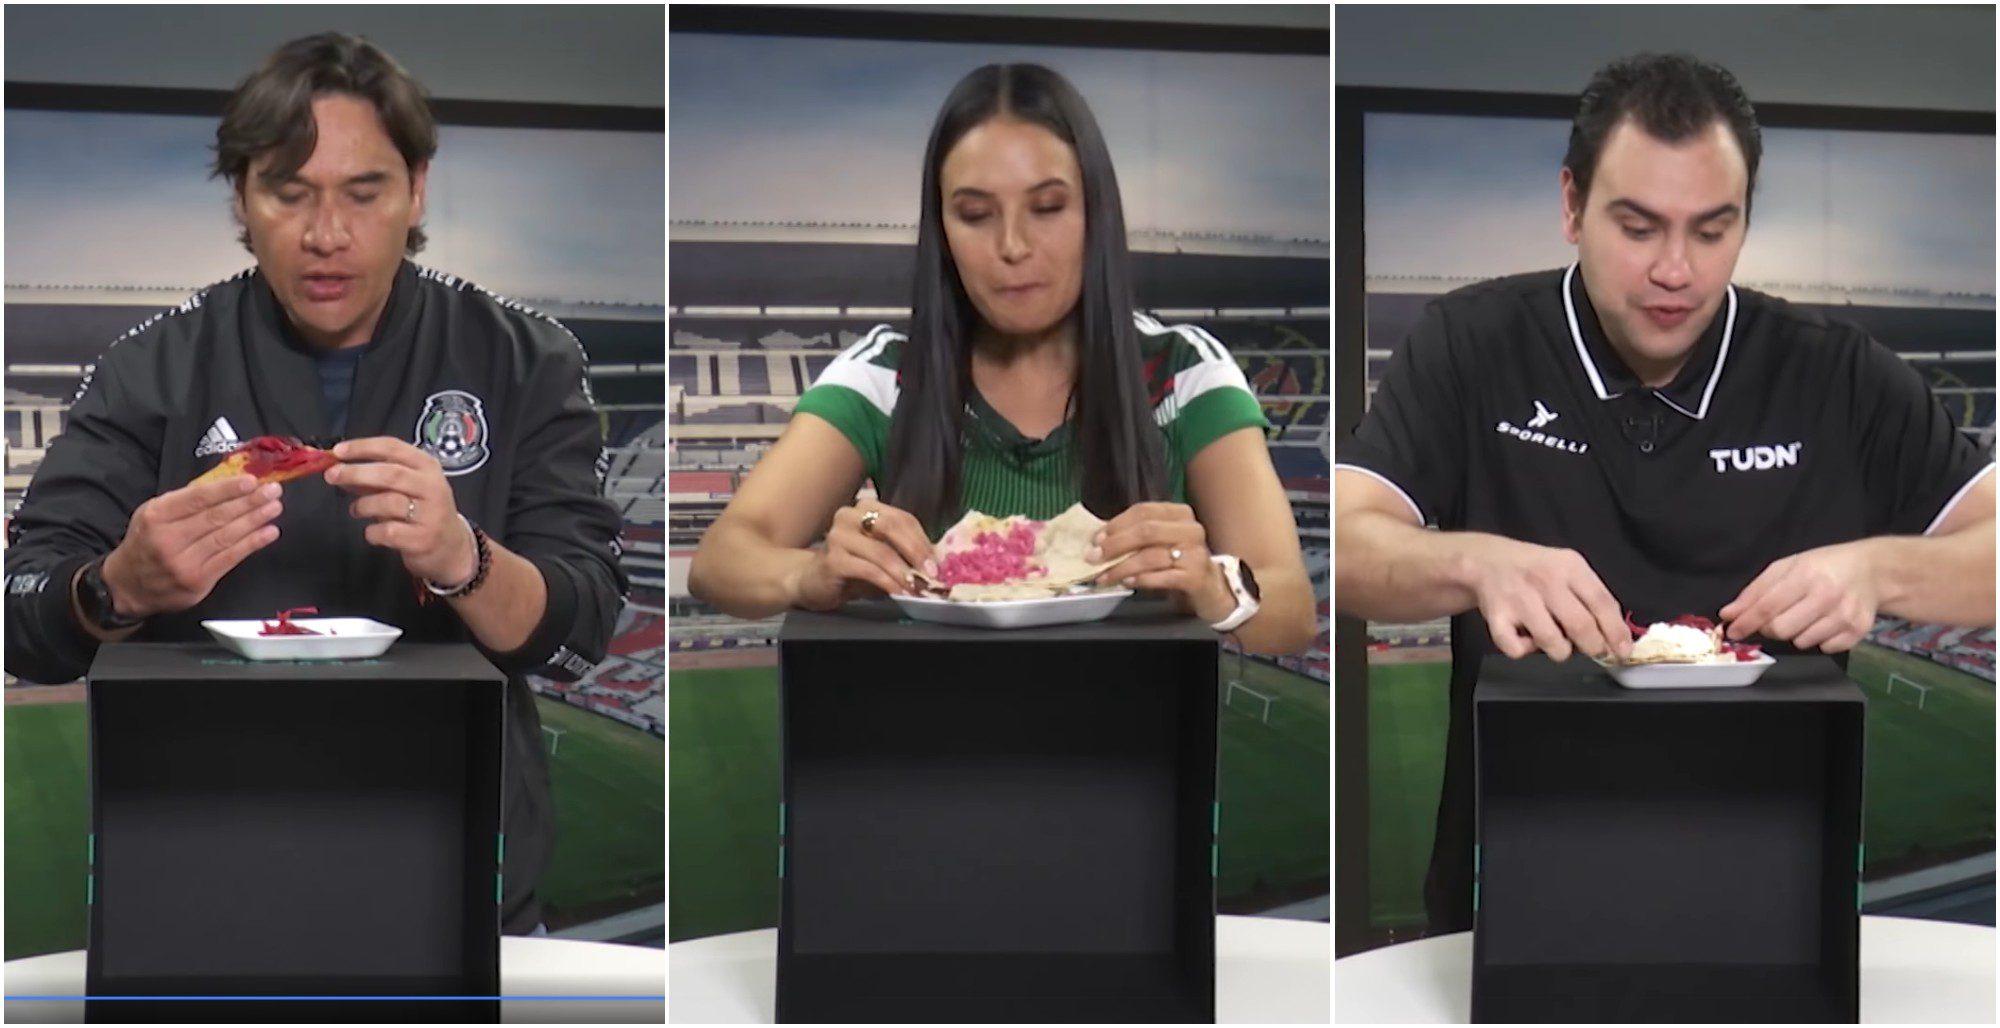 Presentadores mexicanos probaron la comida hondureña en vivo